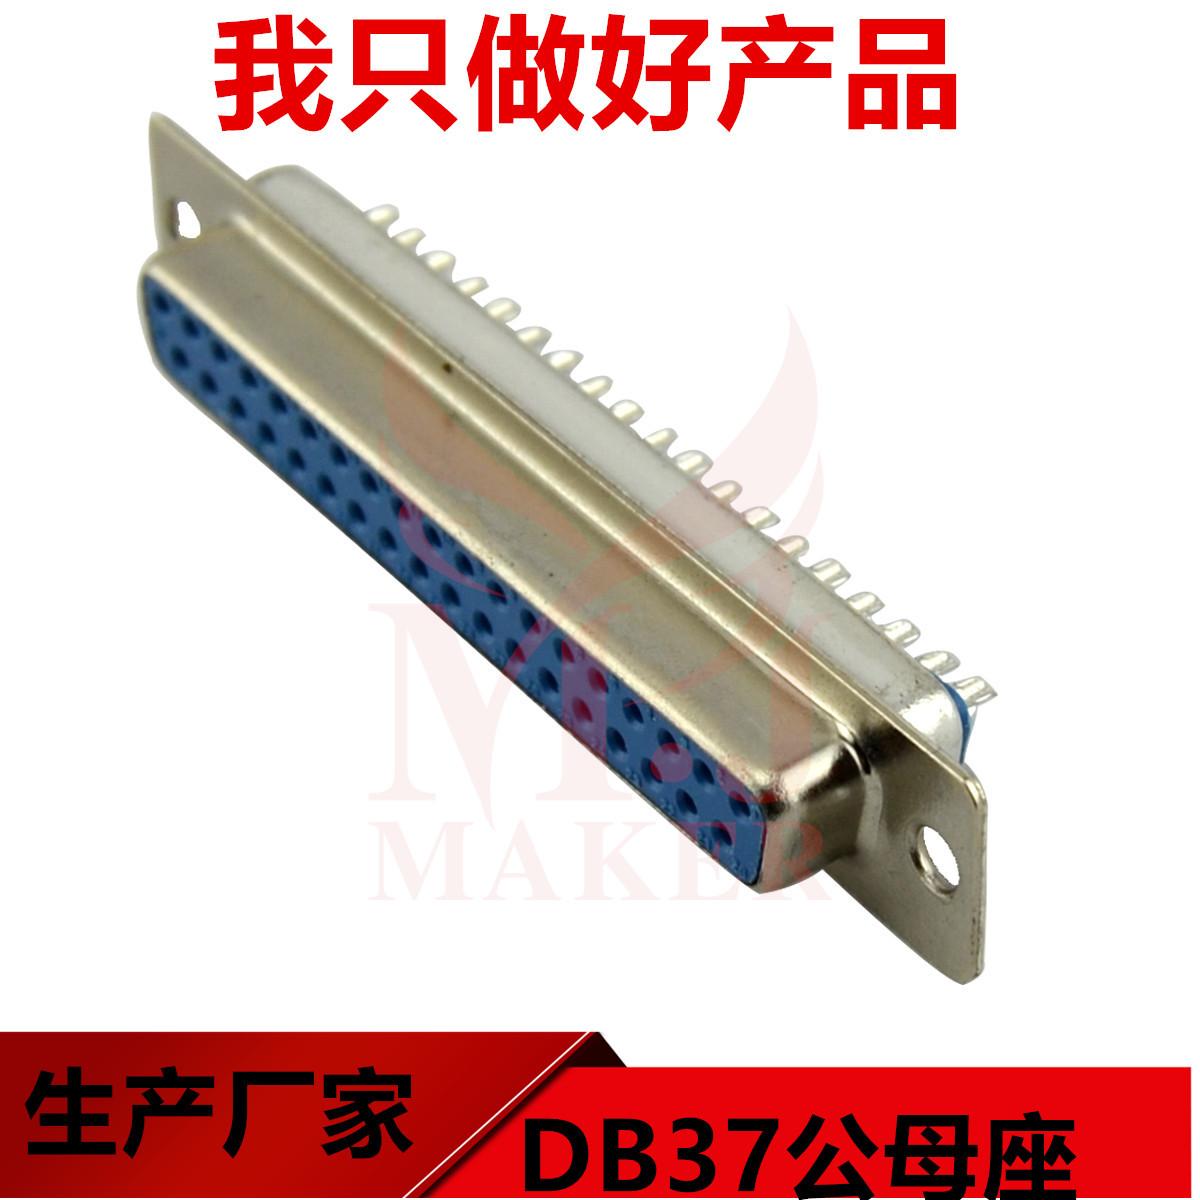 DB37公母头 焊线式 串口插头RS232插座 37芯/针 COM口 双排连接器